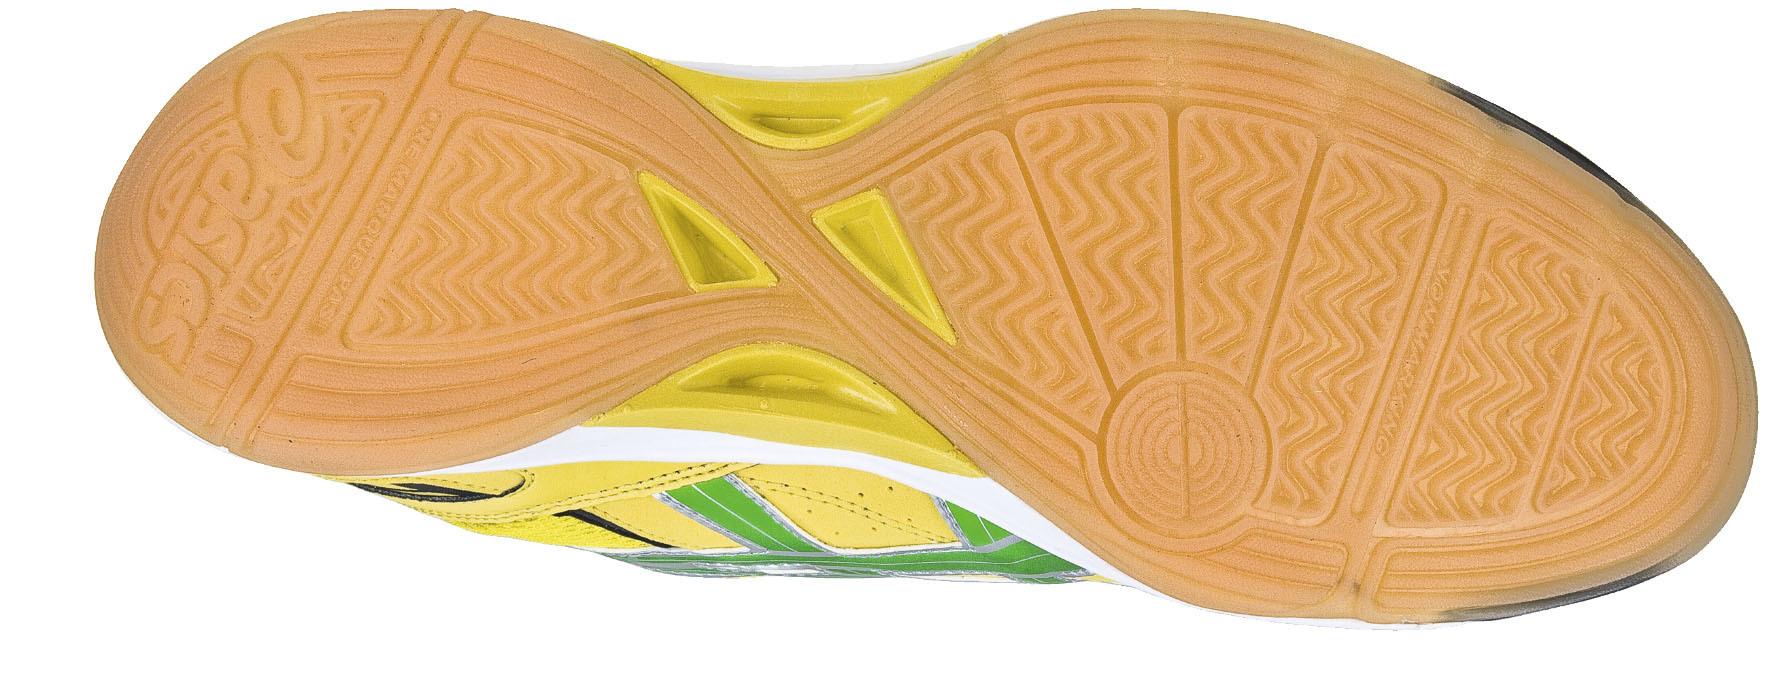 Бутсы футбольные Asics Copero yellow